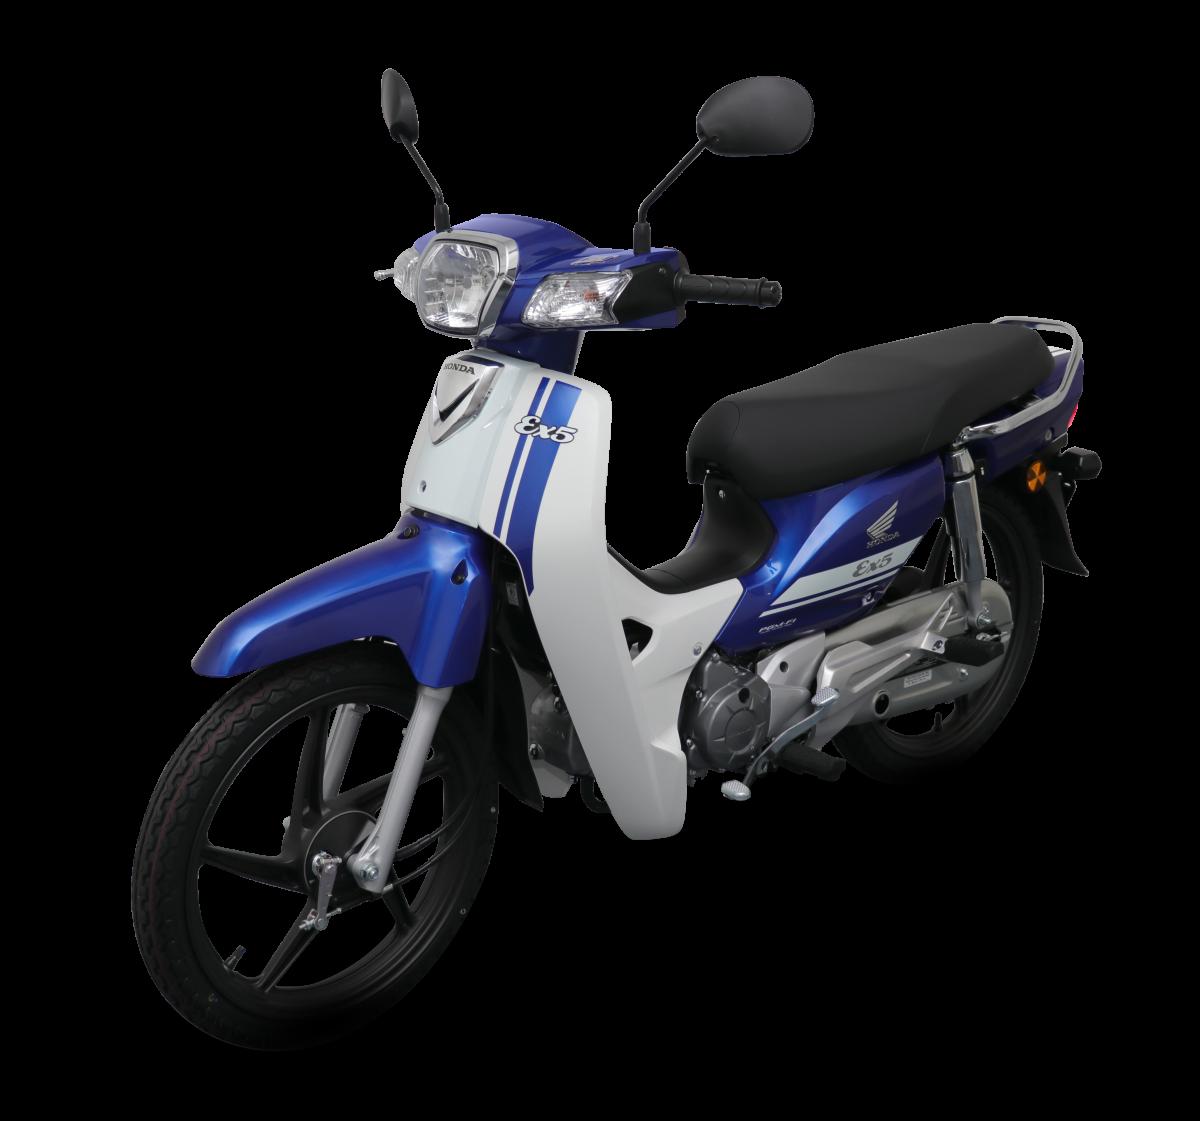 Honda EX5 2018 phiên bản vành đúc màu xanh dương